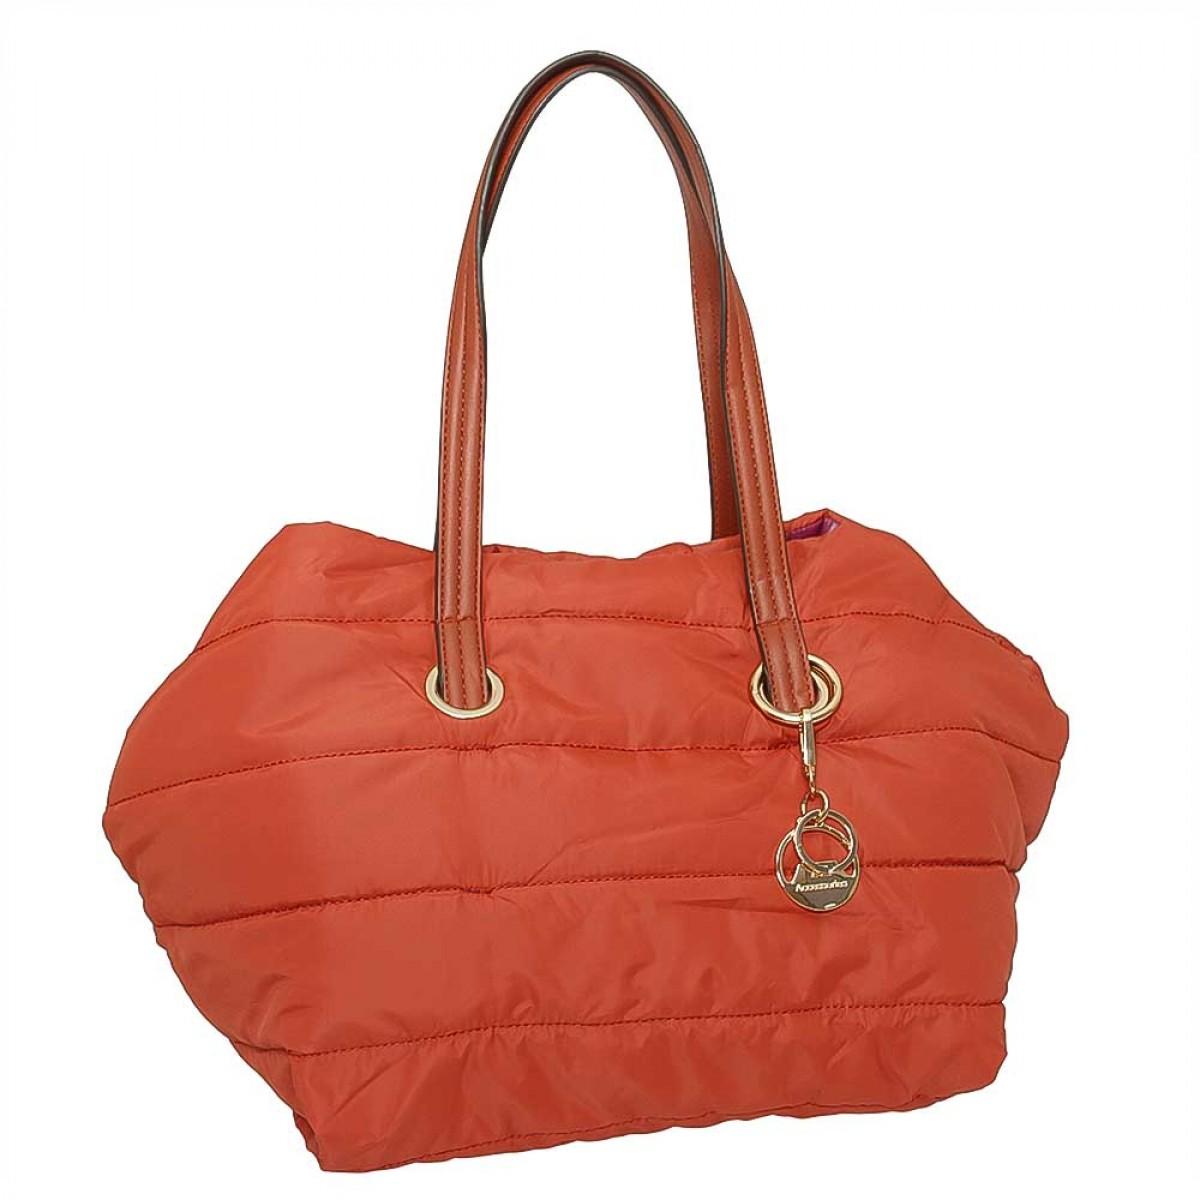 Жіноча сумка David Jones  CM 3246 Orange